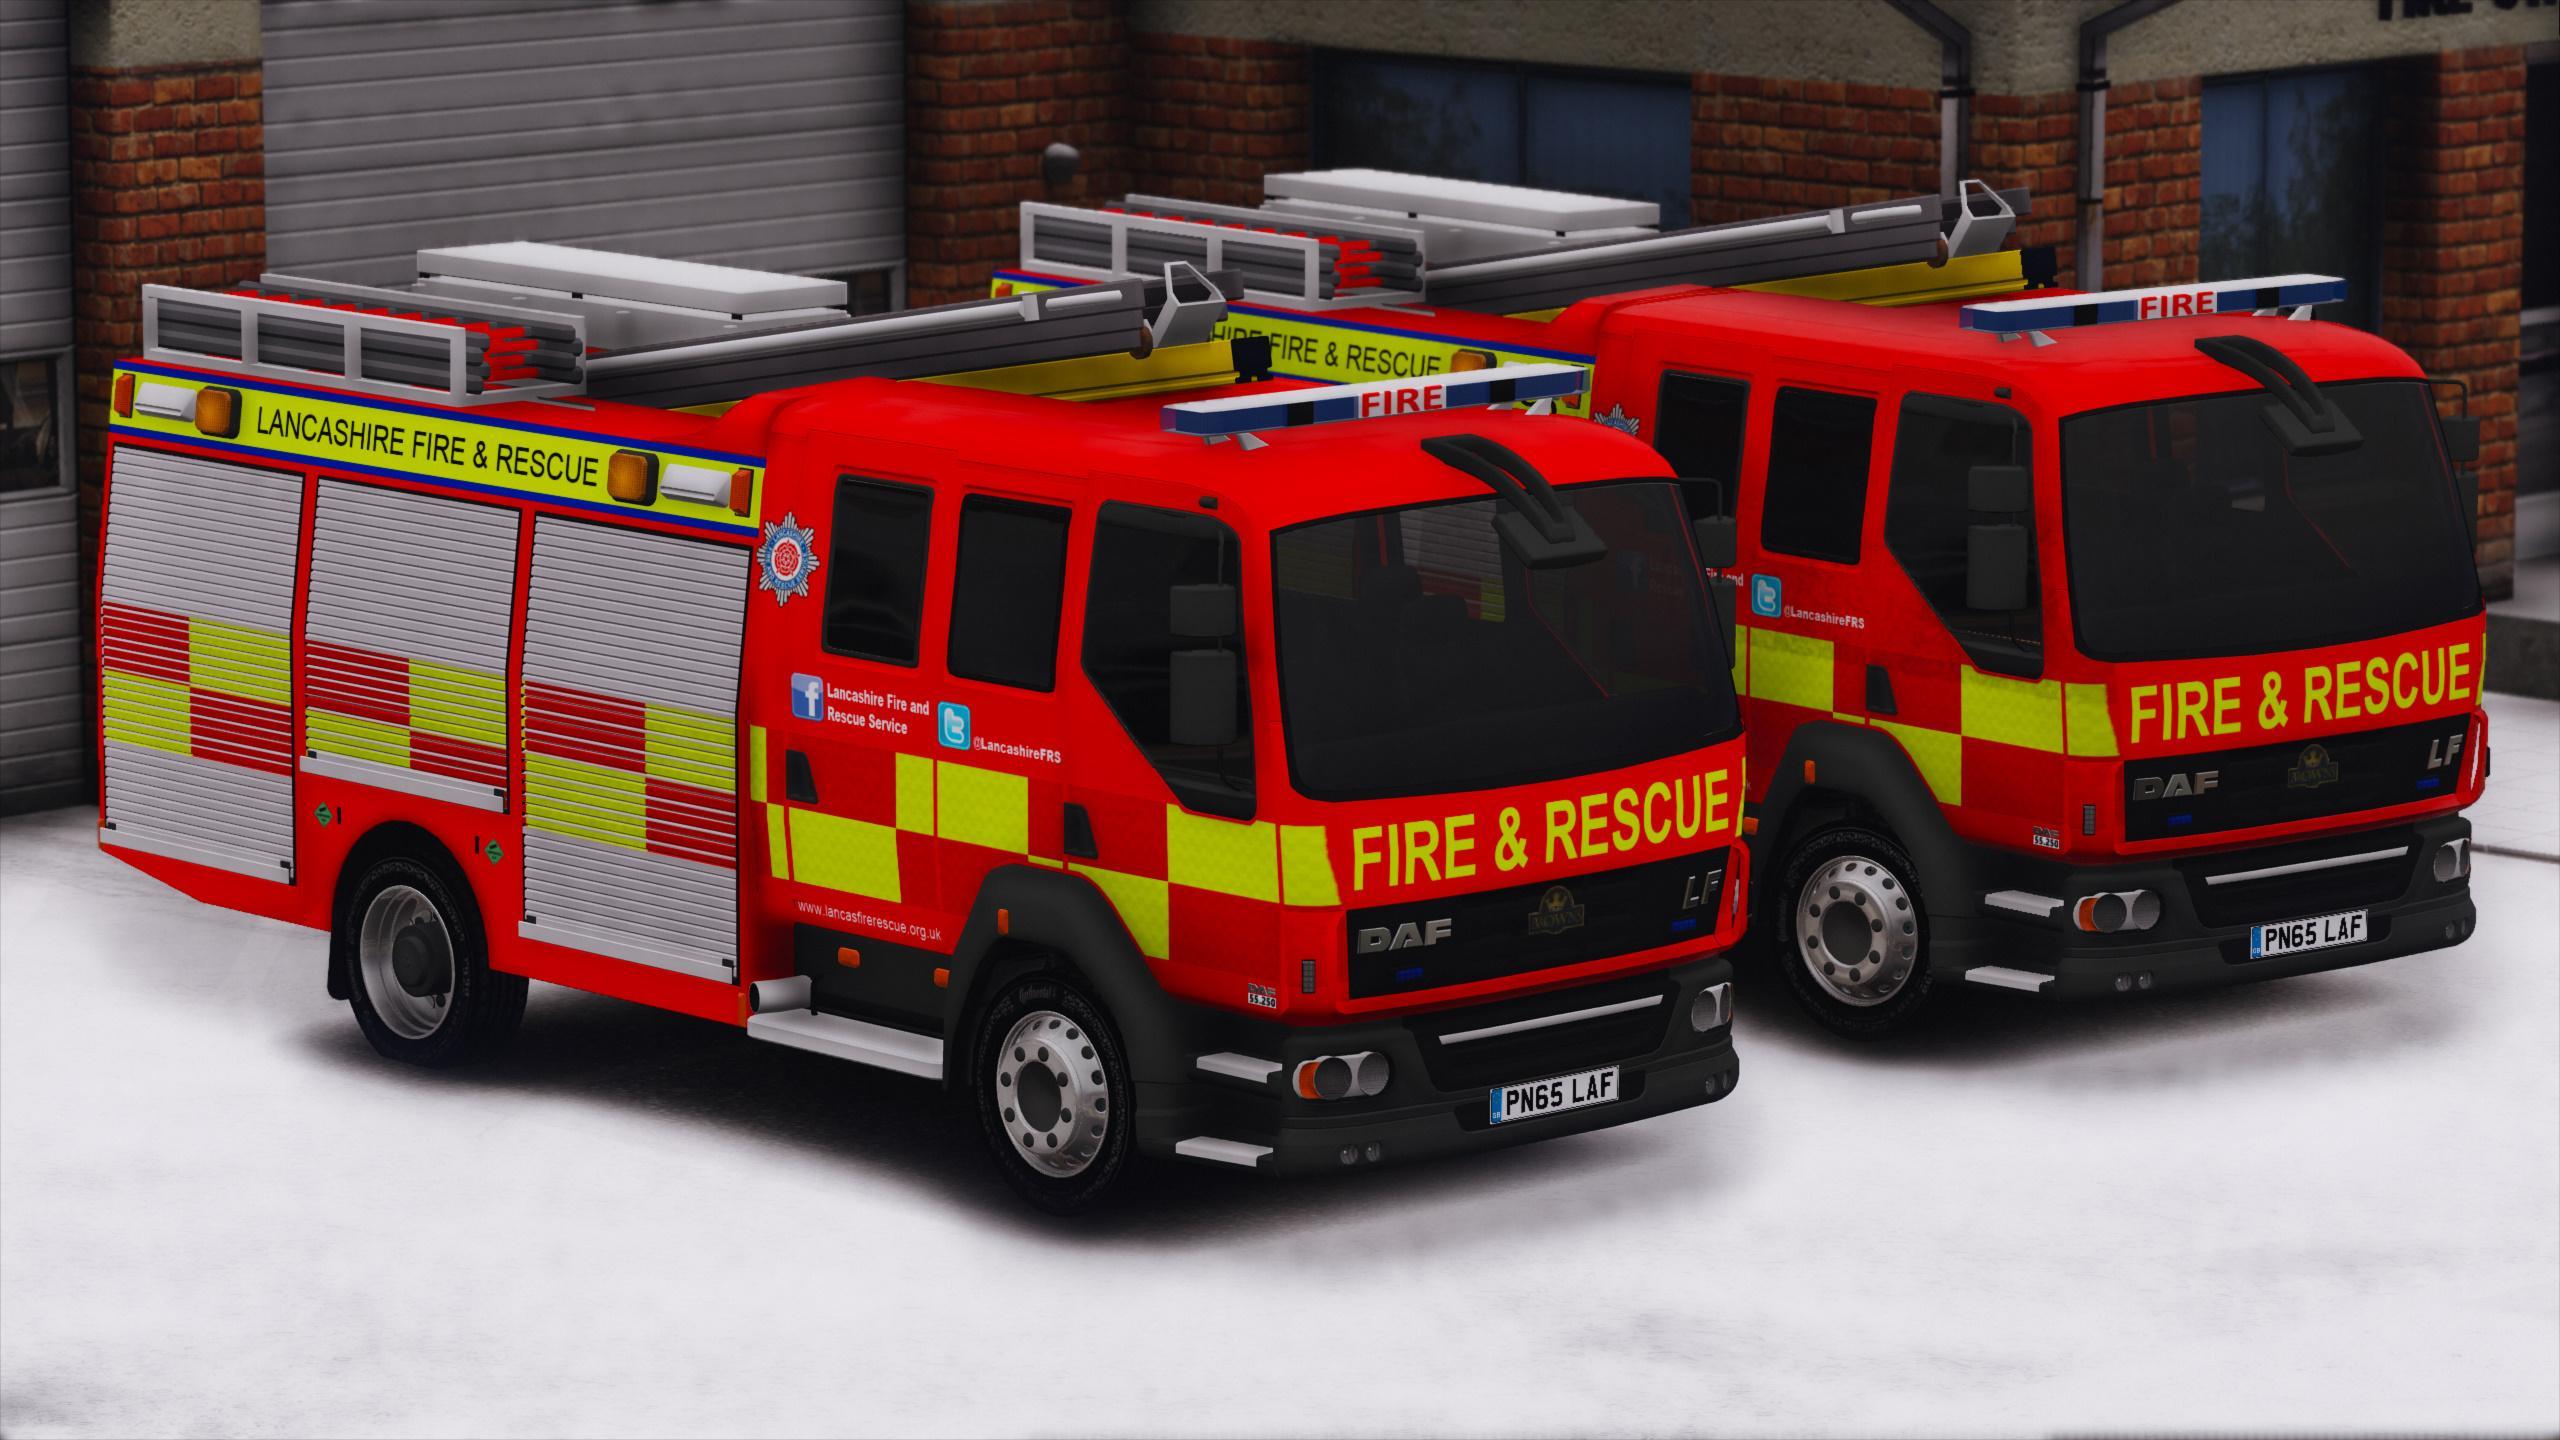 Lancashire Fire Amp Rescue Appliance Els Gta5 Mods Com